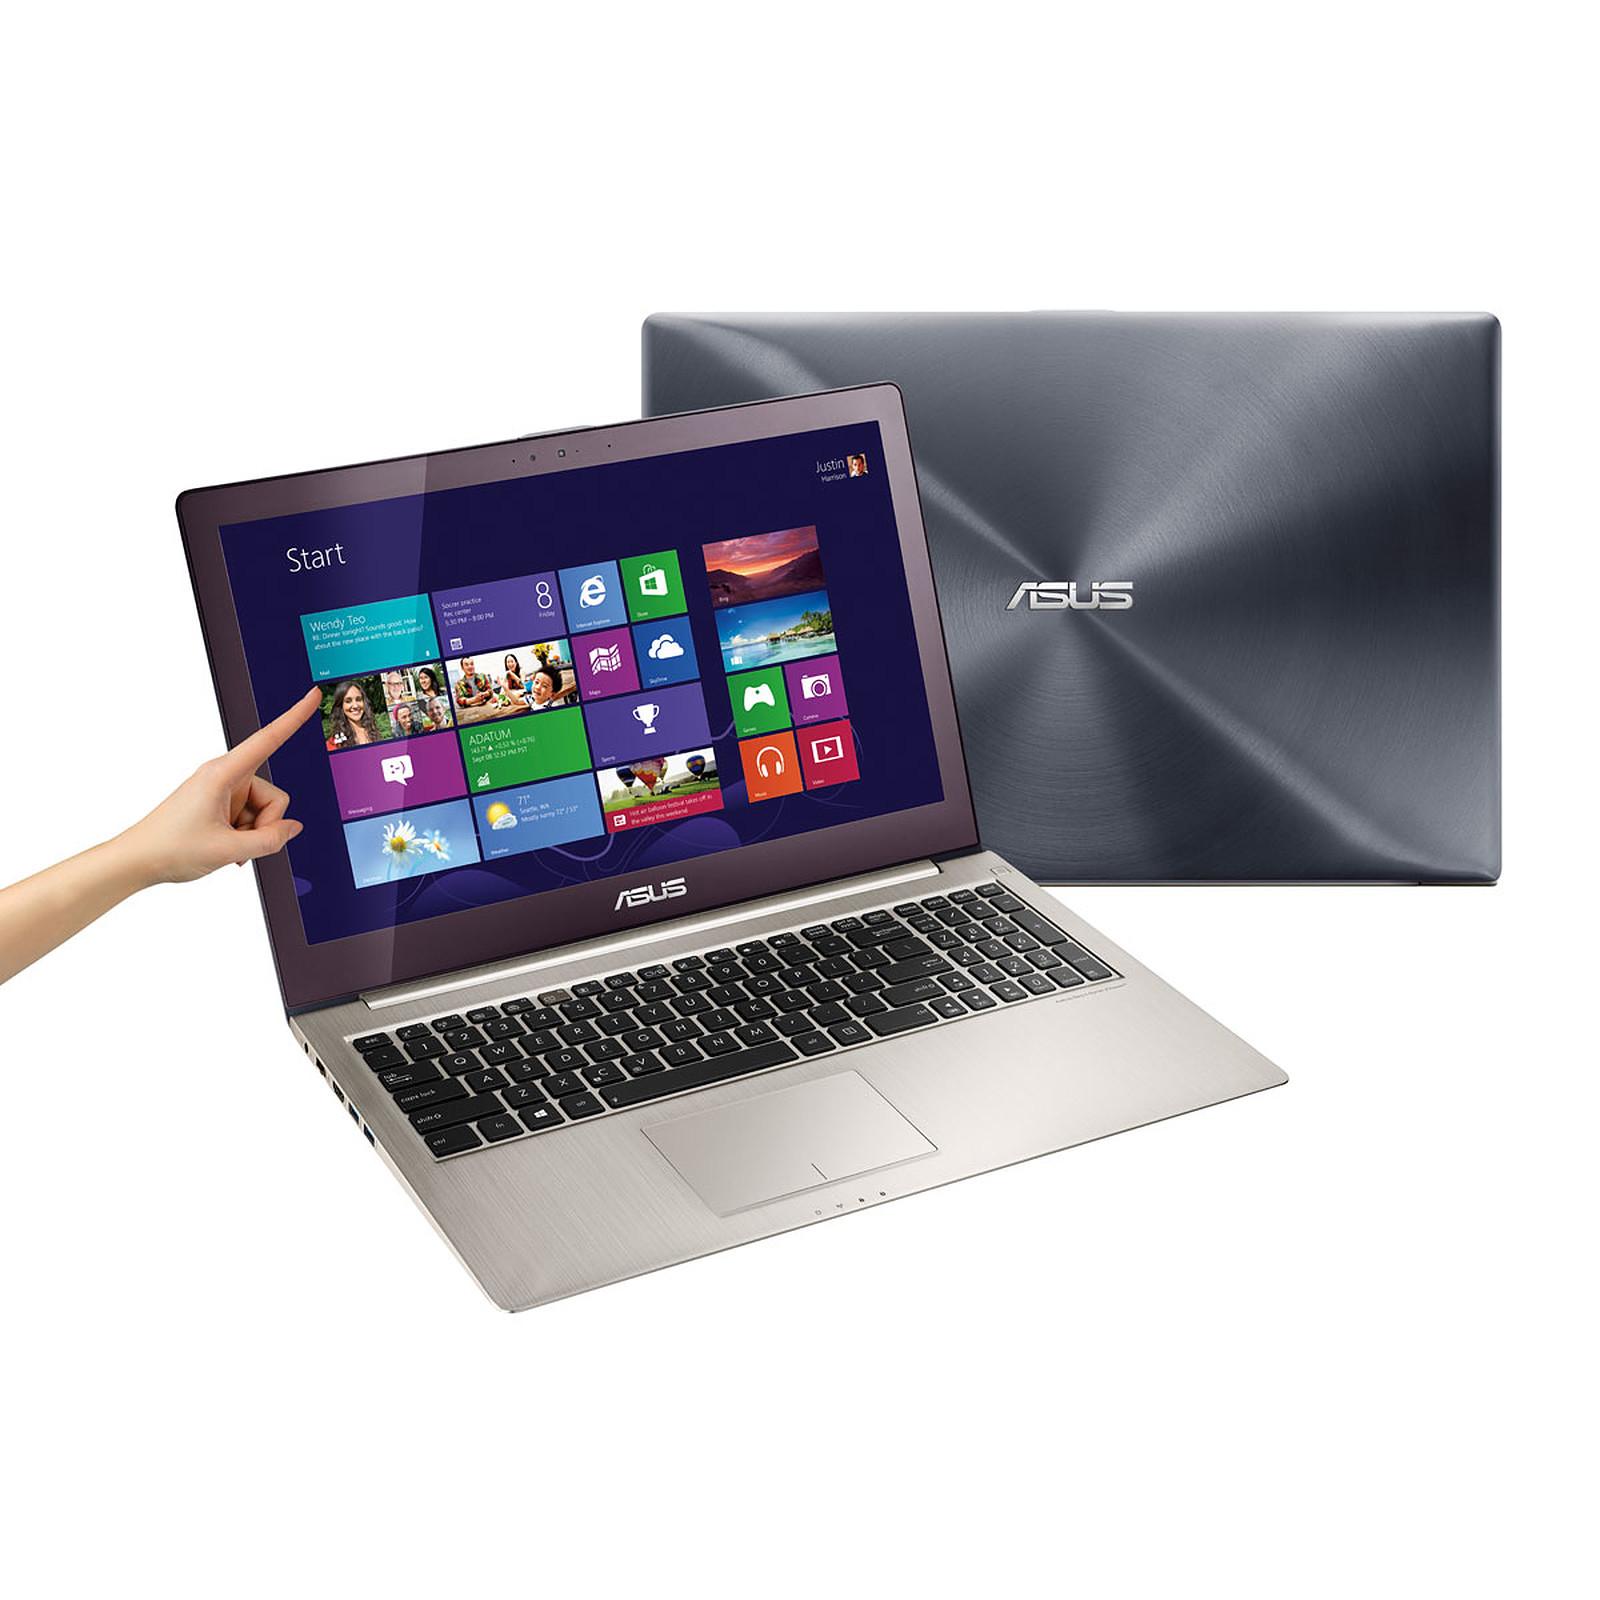 ASUS ZenBook Touch U500VZ-CM058H